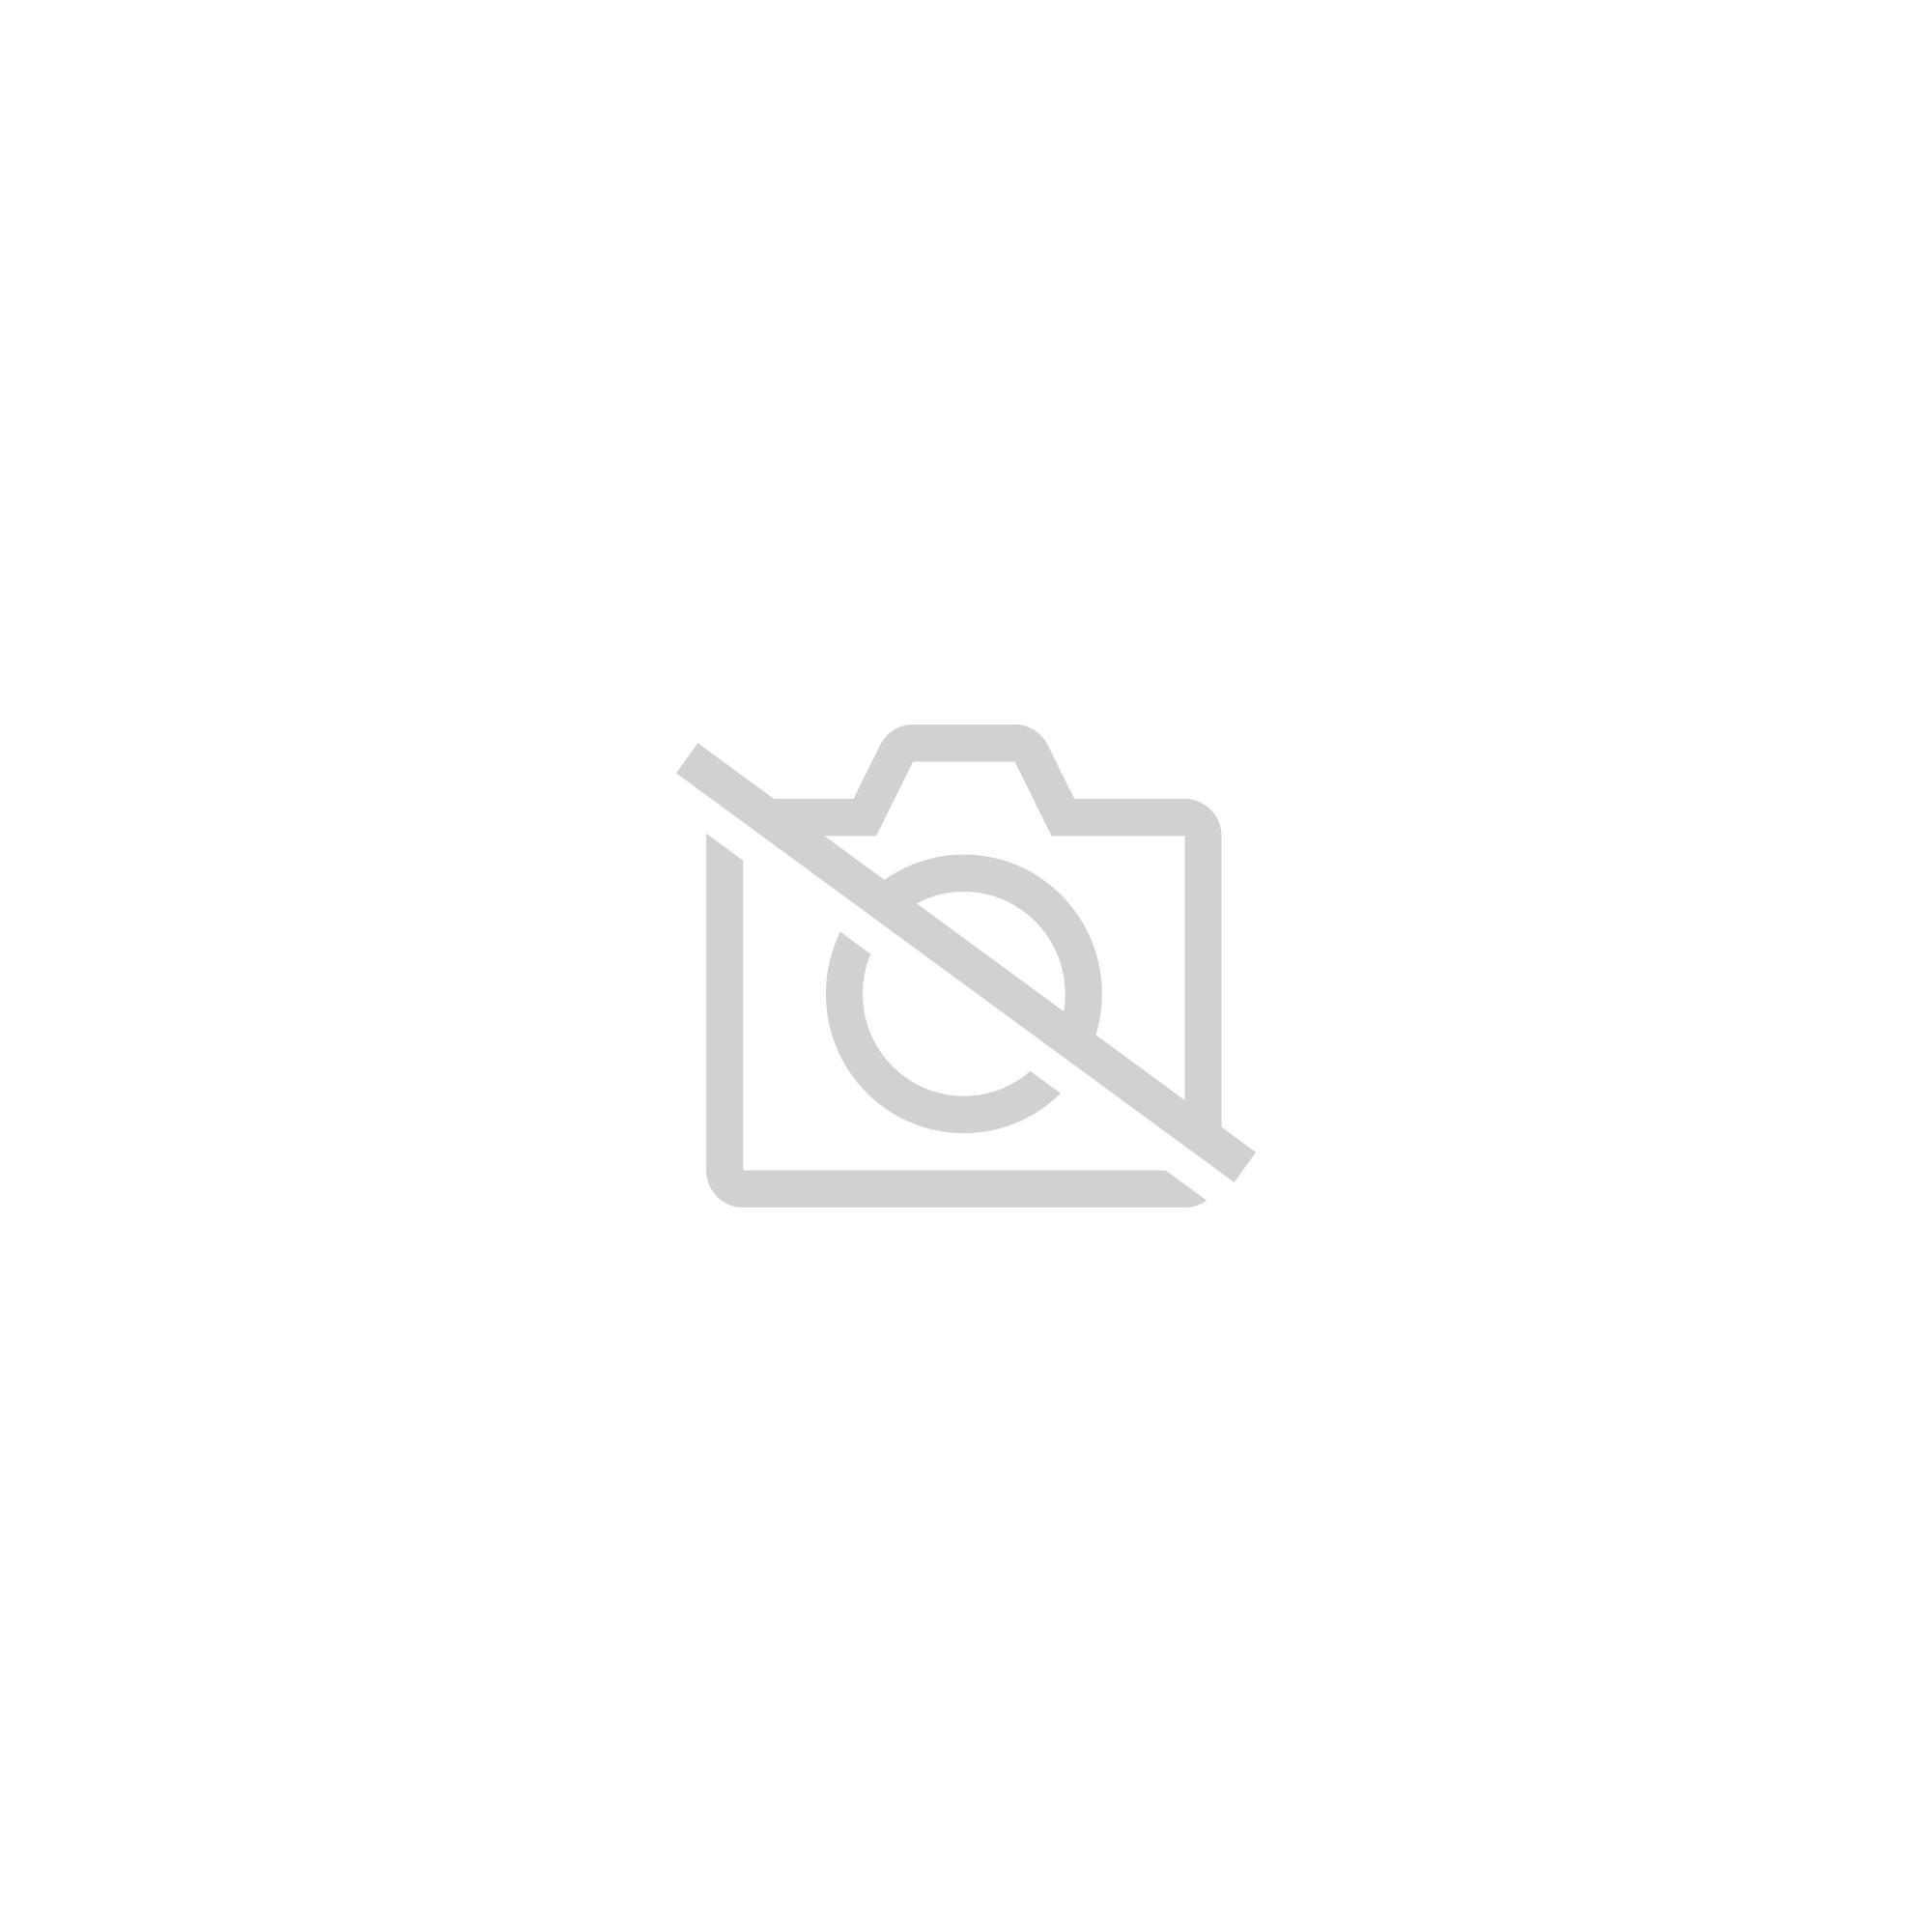 Haglofs L.I.M Iii Running Jacket Veste De Sport L�g�re Imperm�able Manteau Homme